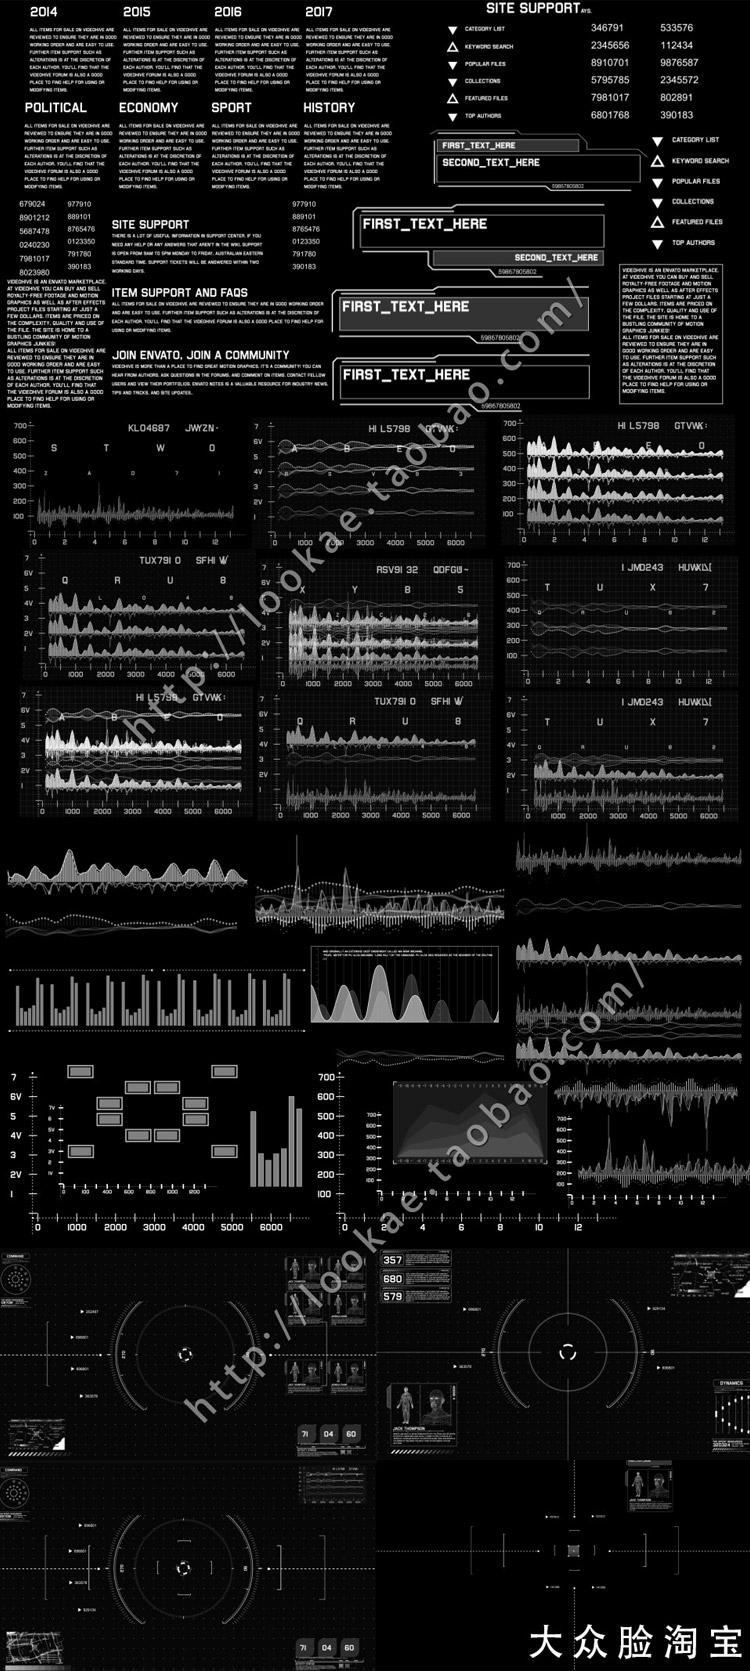 【第二季】AE模板:高科技信息化动态UI元素包VideoHive Sci-fi Interface HUD Package插图3